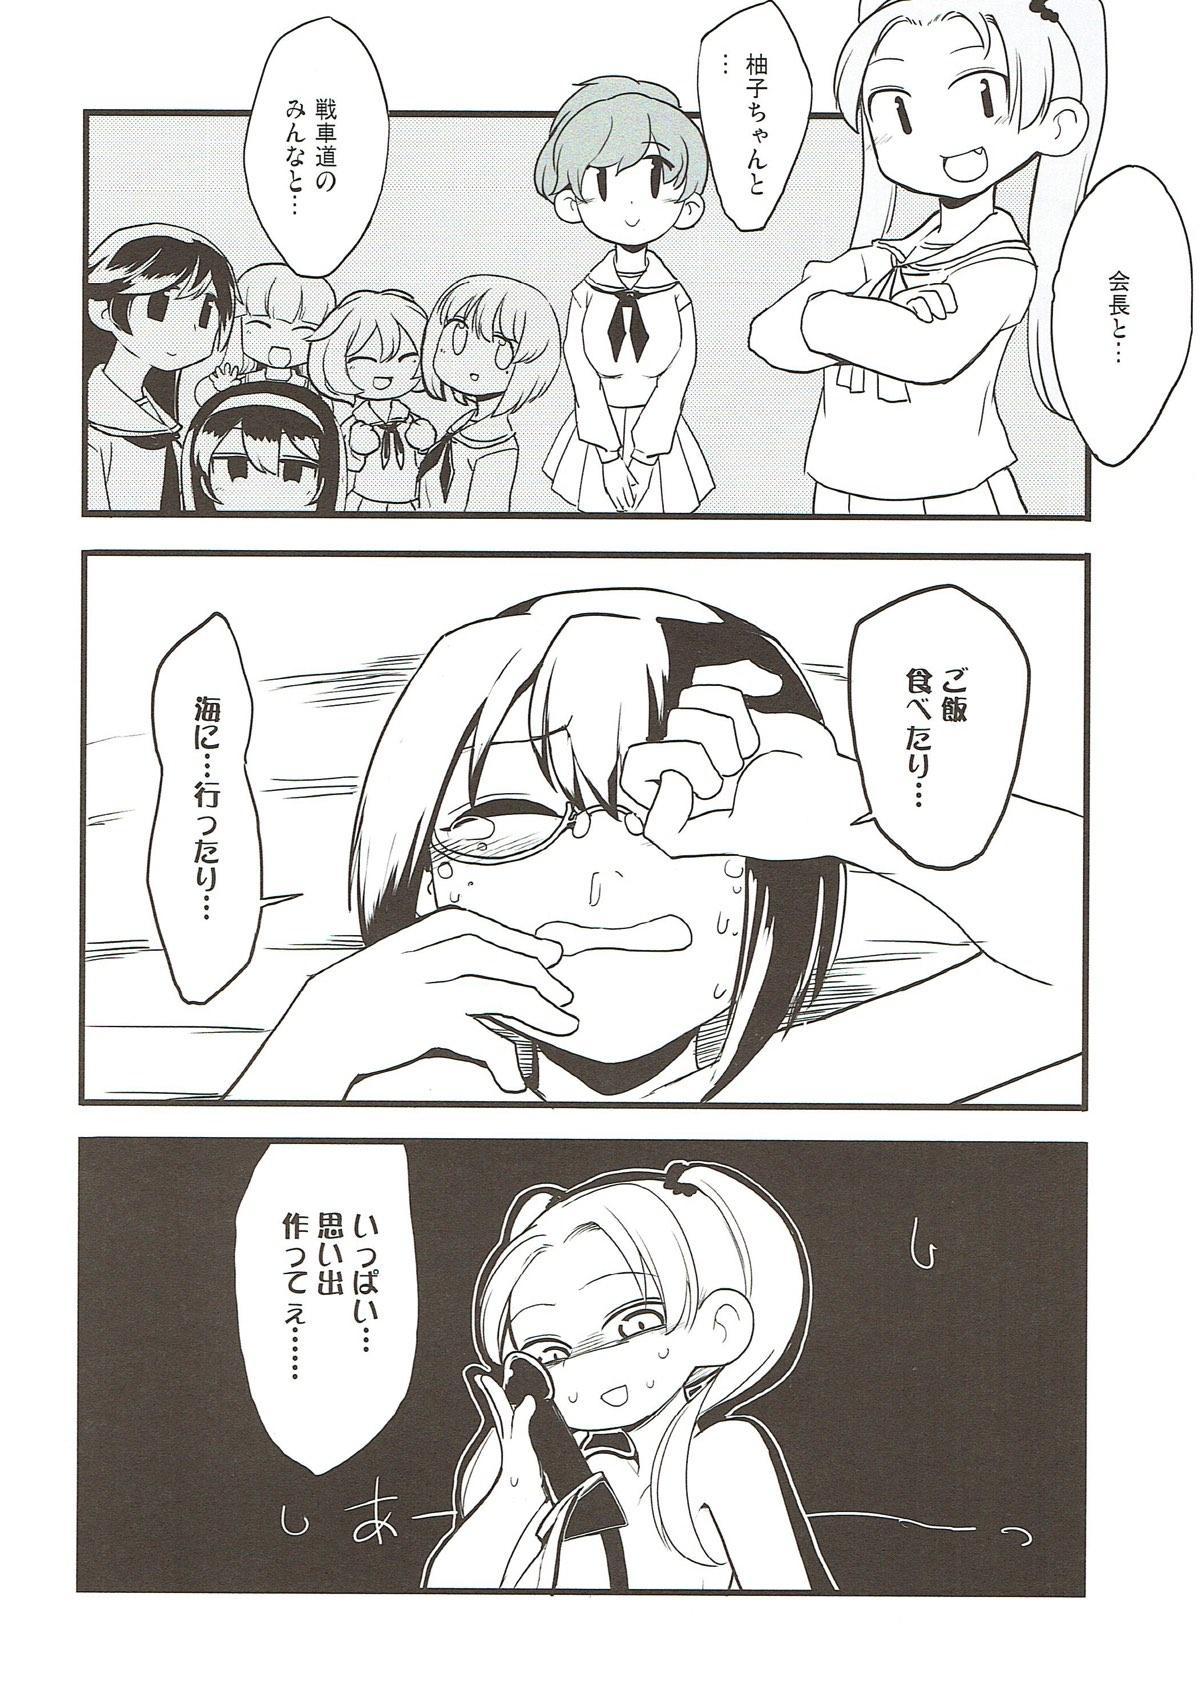 Kyou AnMomo wa Yuri Ecchi o Suru. 10